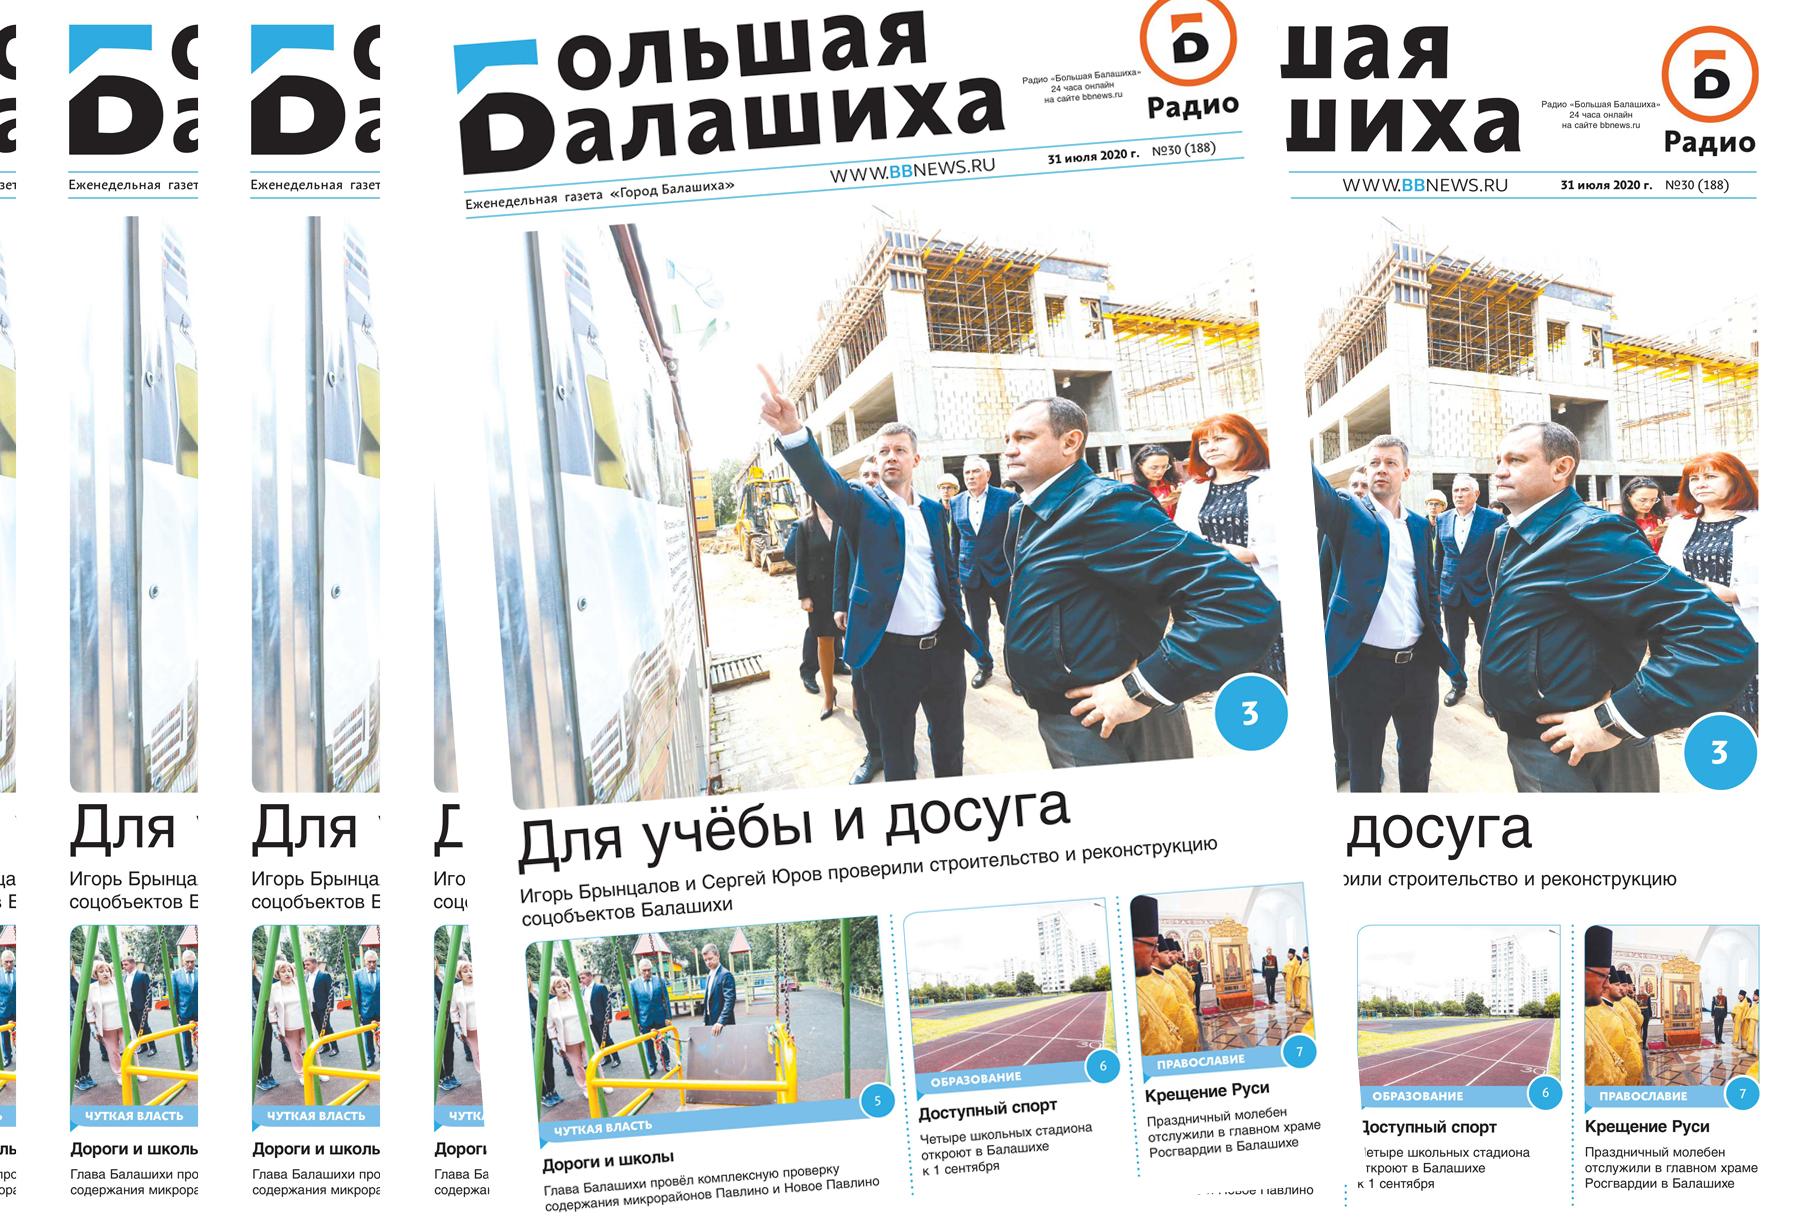 Вышла газета «Город Балашиха» №30 (188)